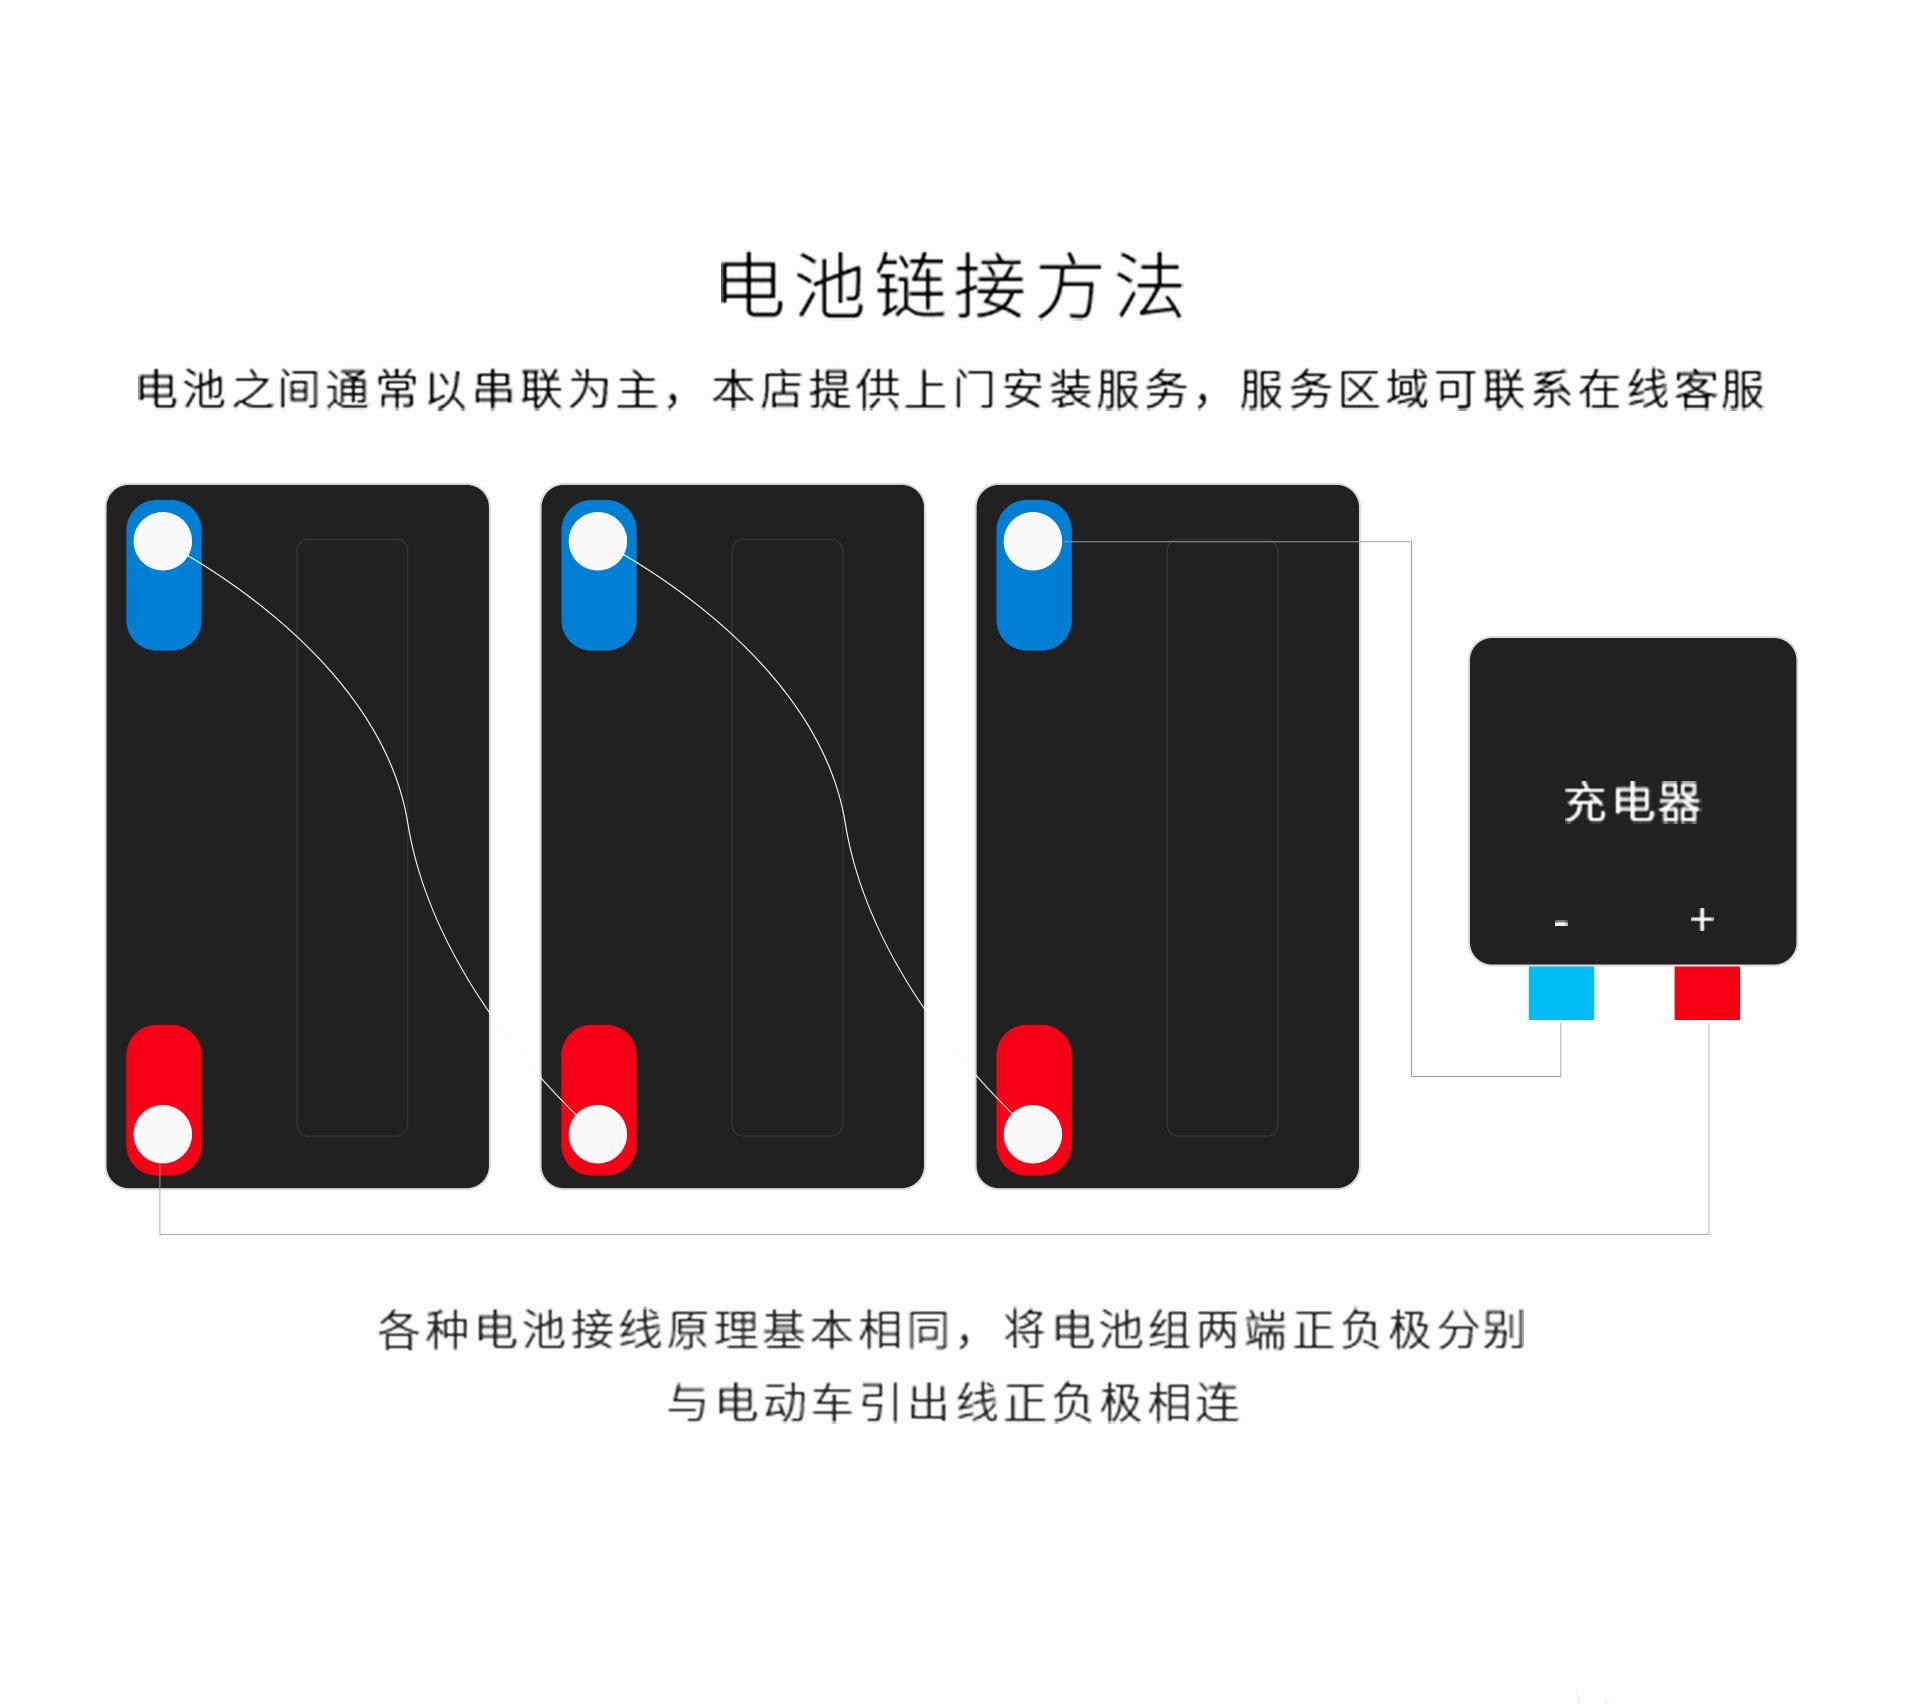 电动车电池|电动车电池价格|电动车电池代理加盟|电动车电池排行榜|旭派电池|旭派